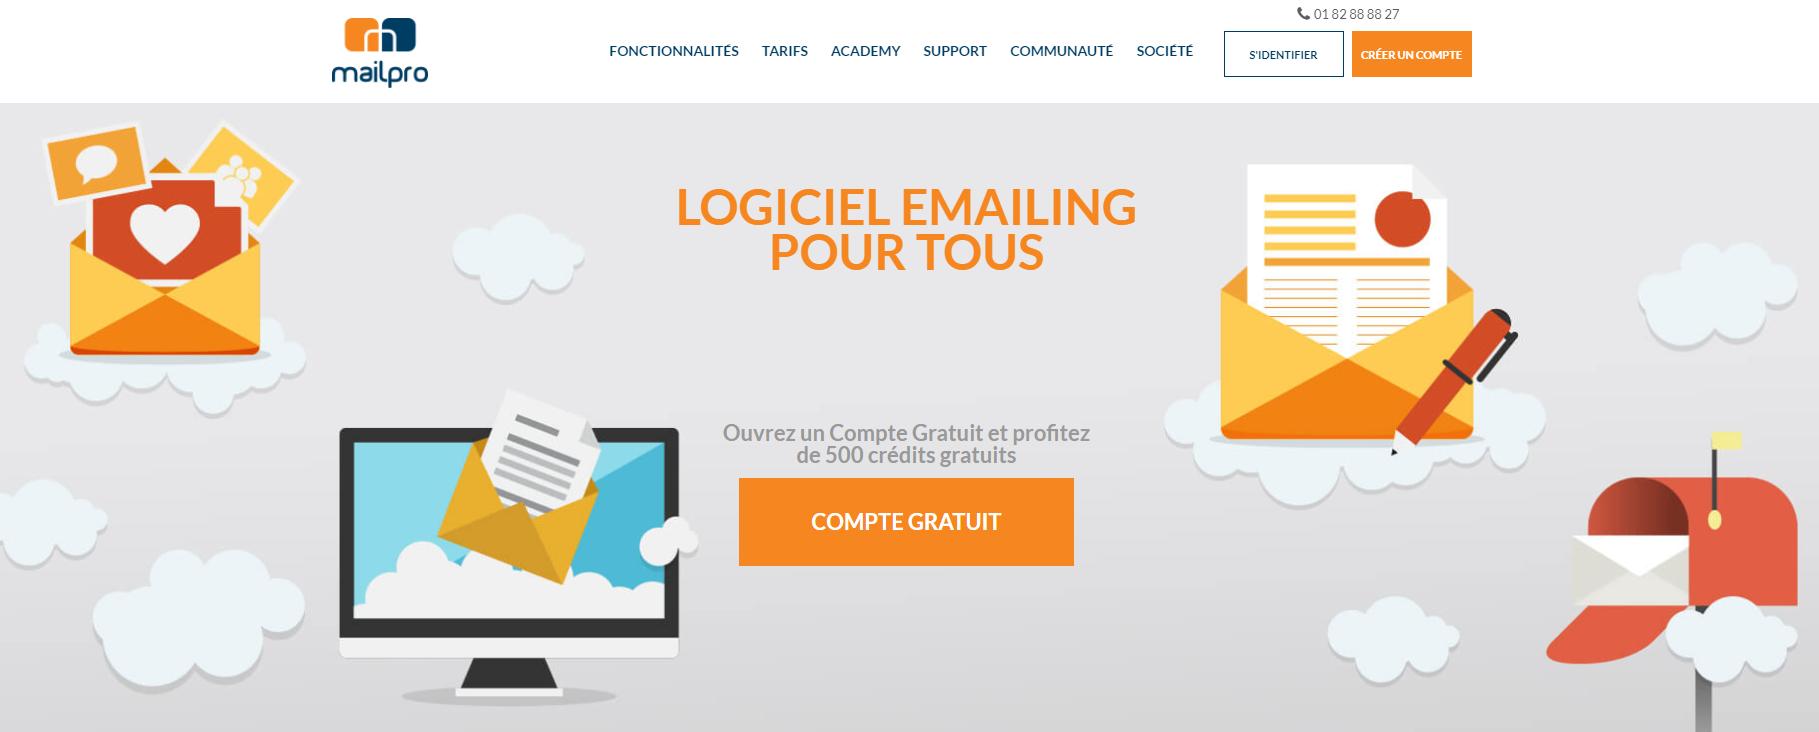 Mailpro est en français contrairement à Mailchimp